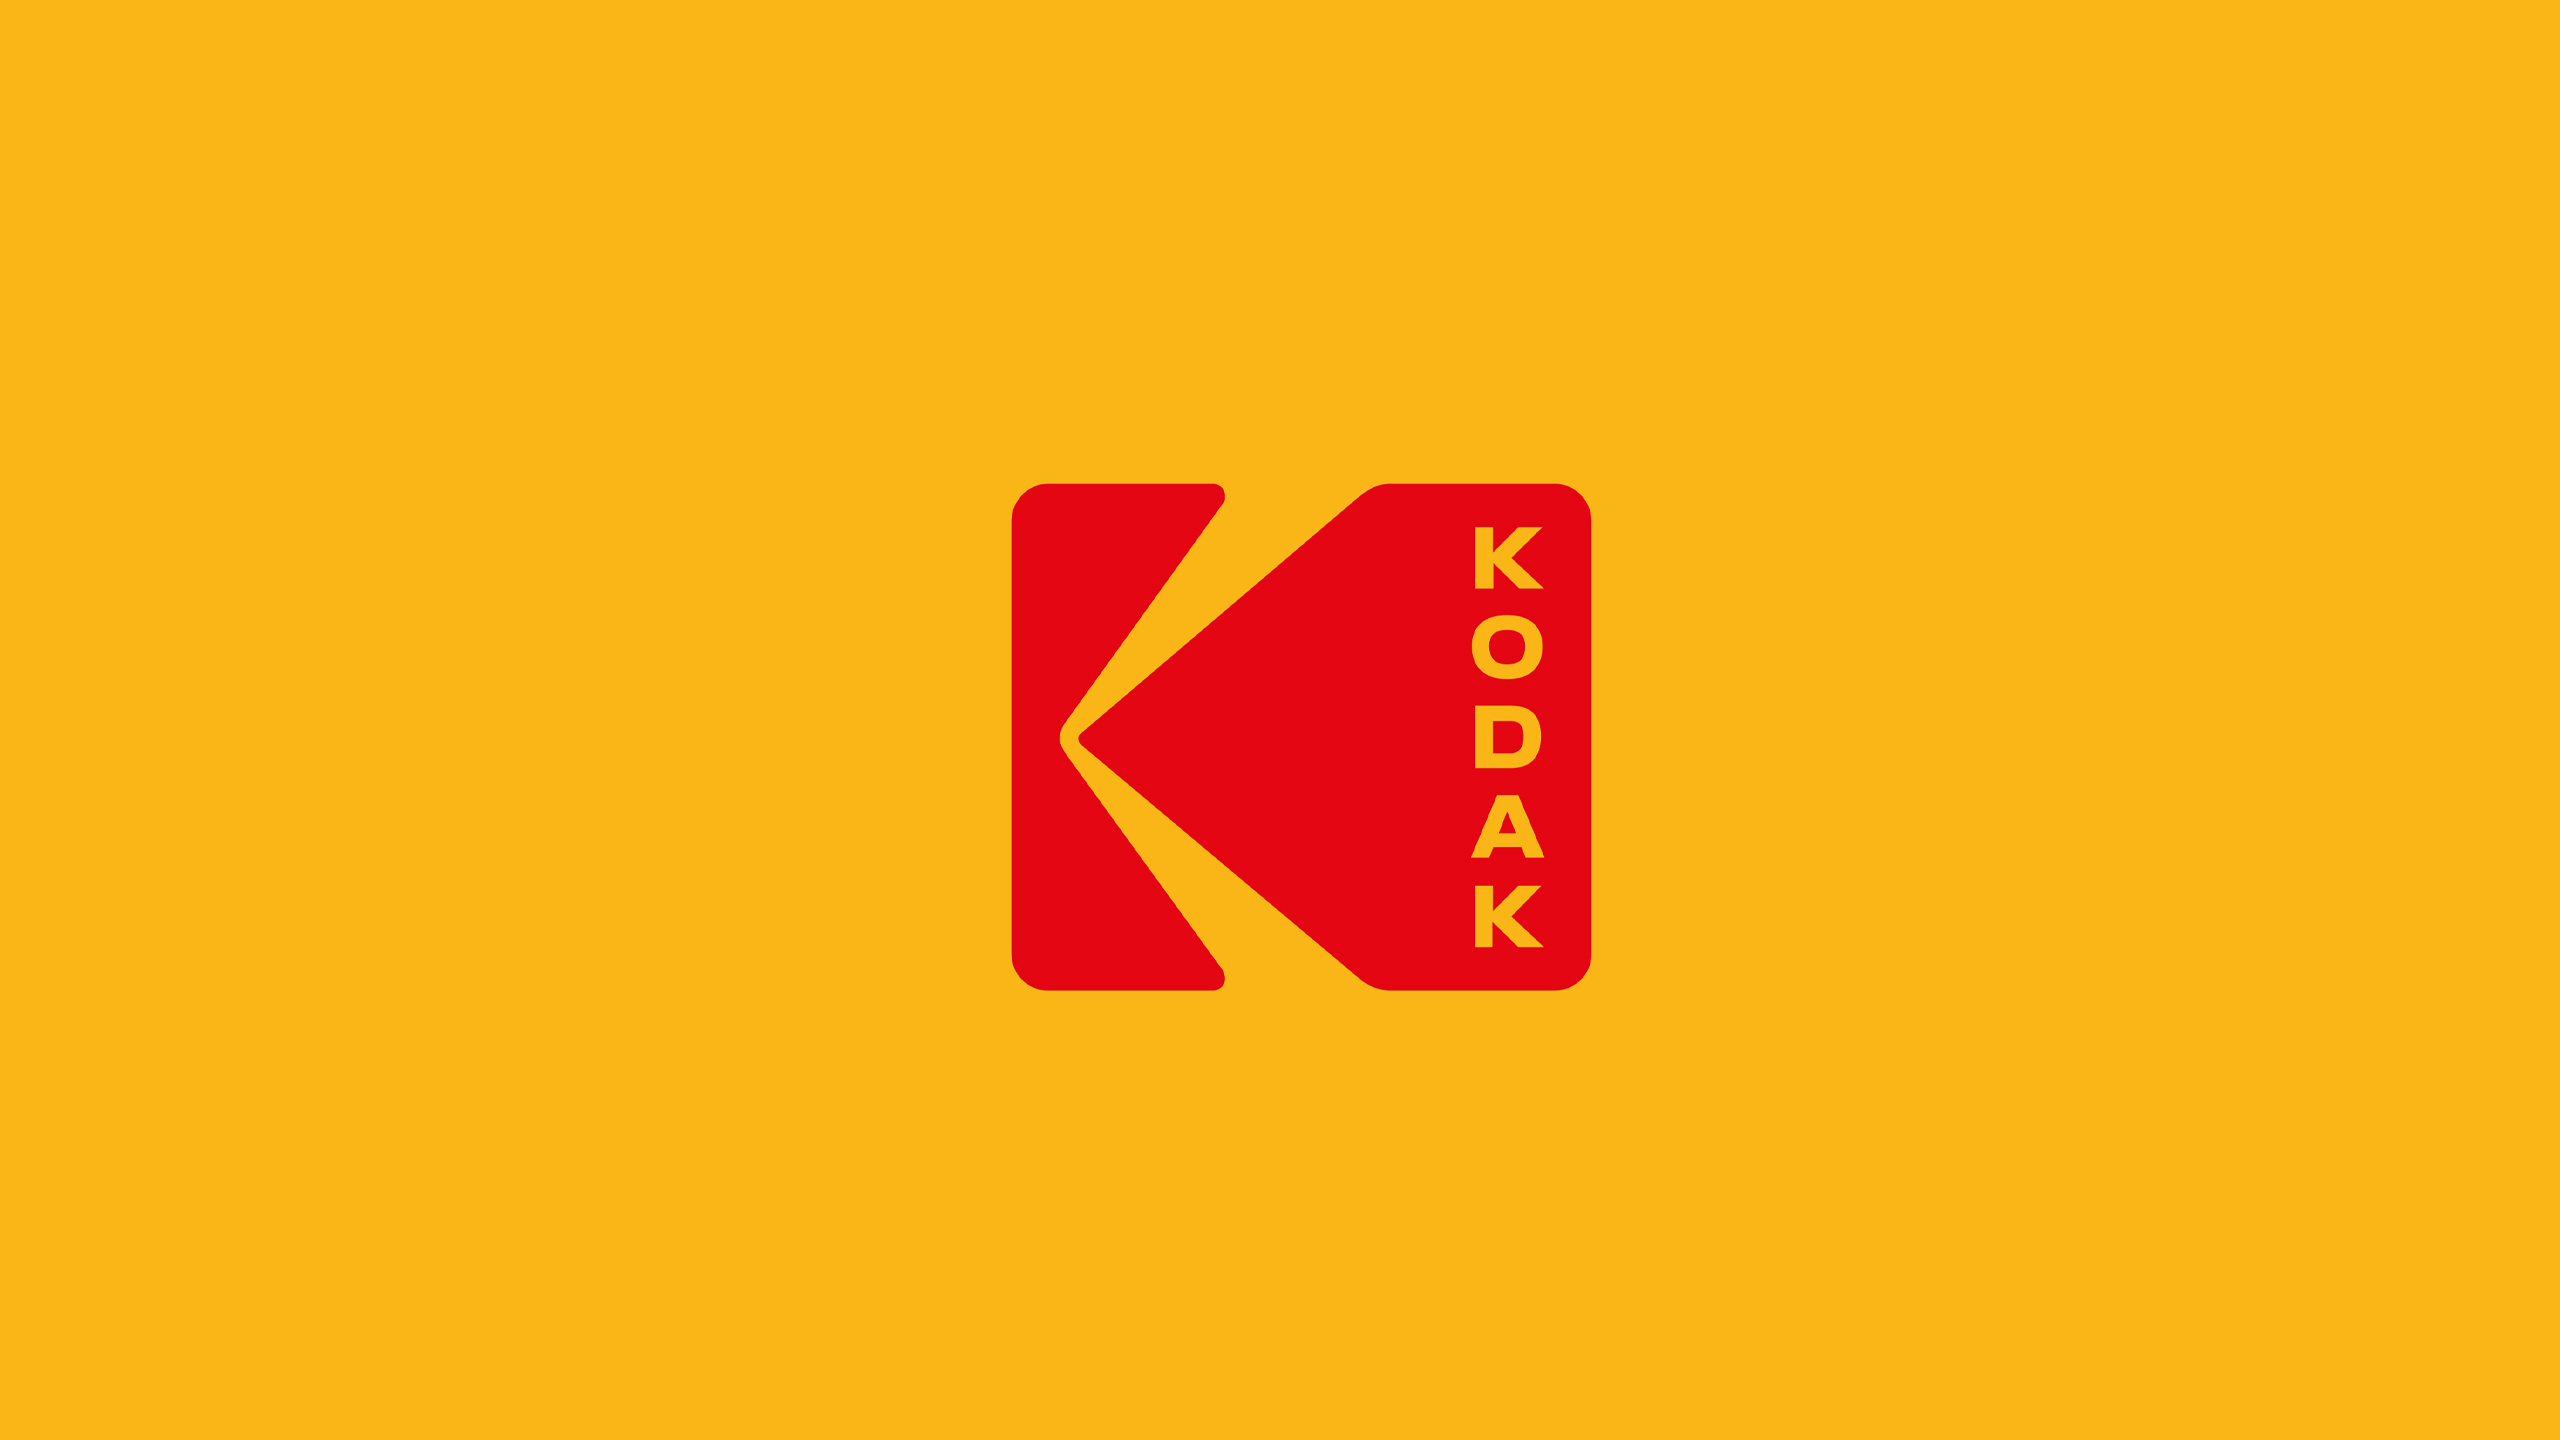 Kodak Printer Commercial Seeking Lead Role